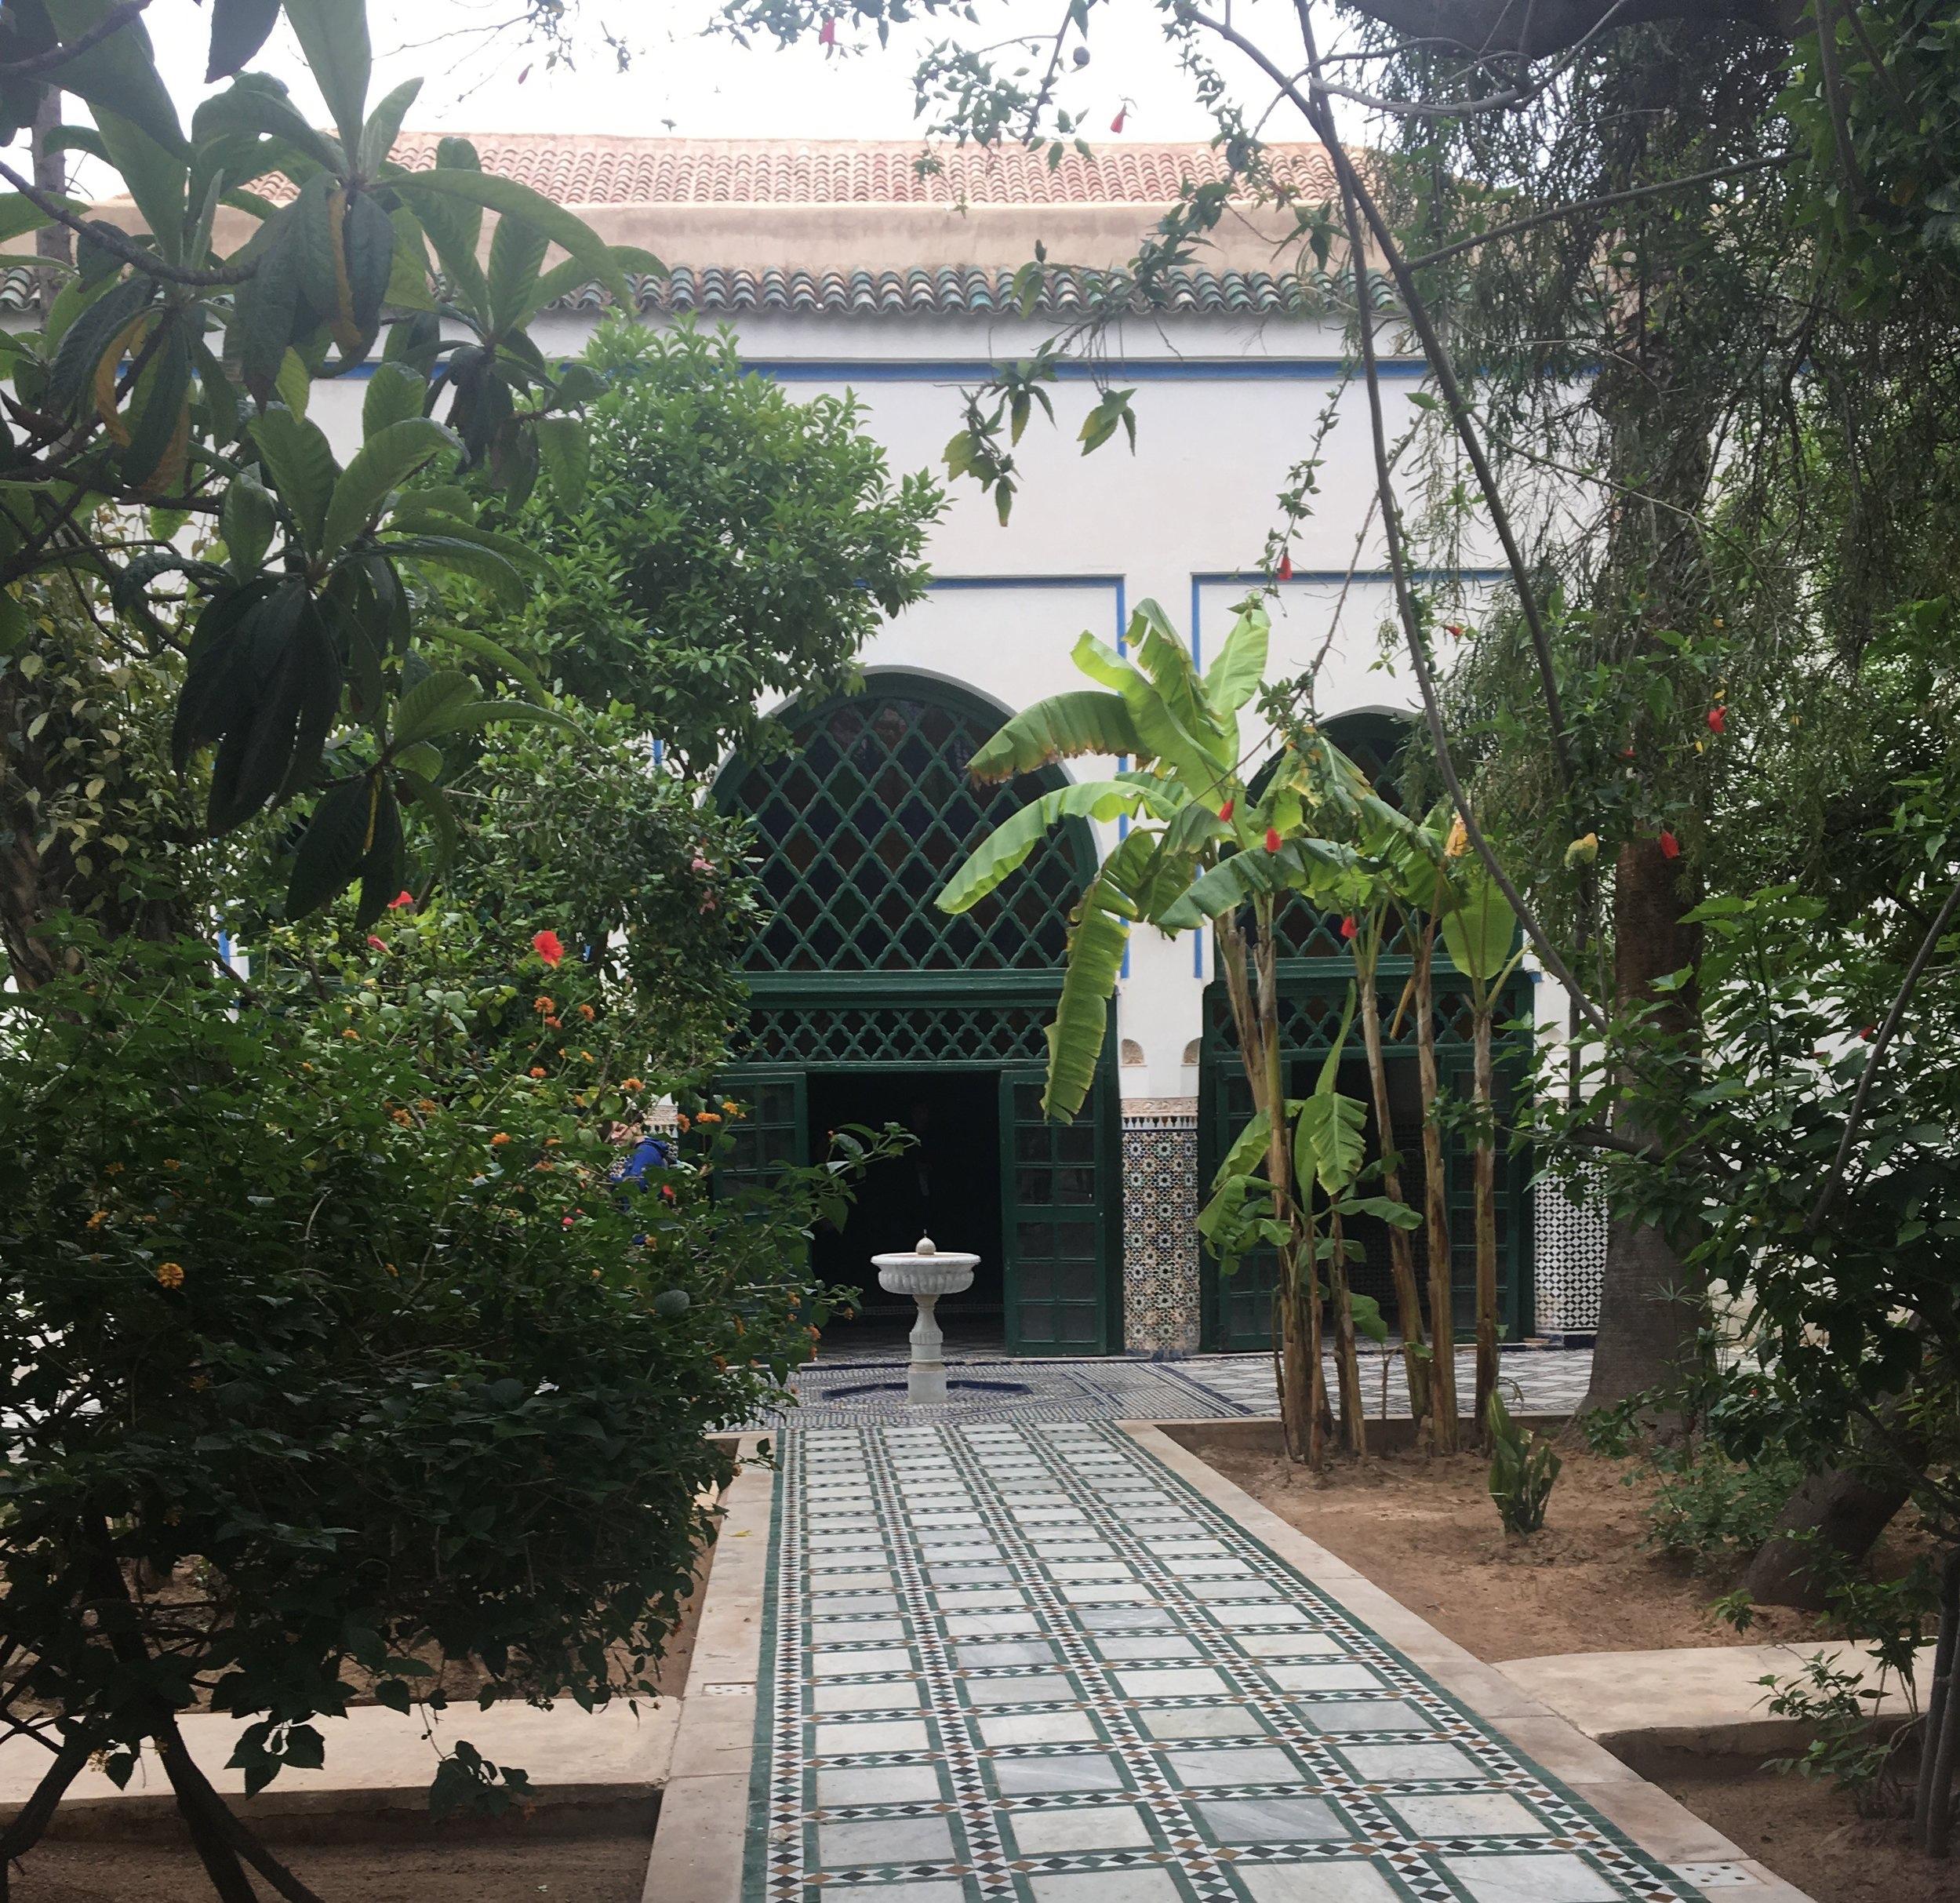 Palais Bahai-Oujda in Marrakesh, Morocco.